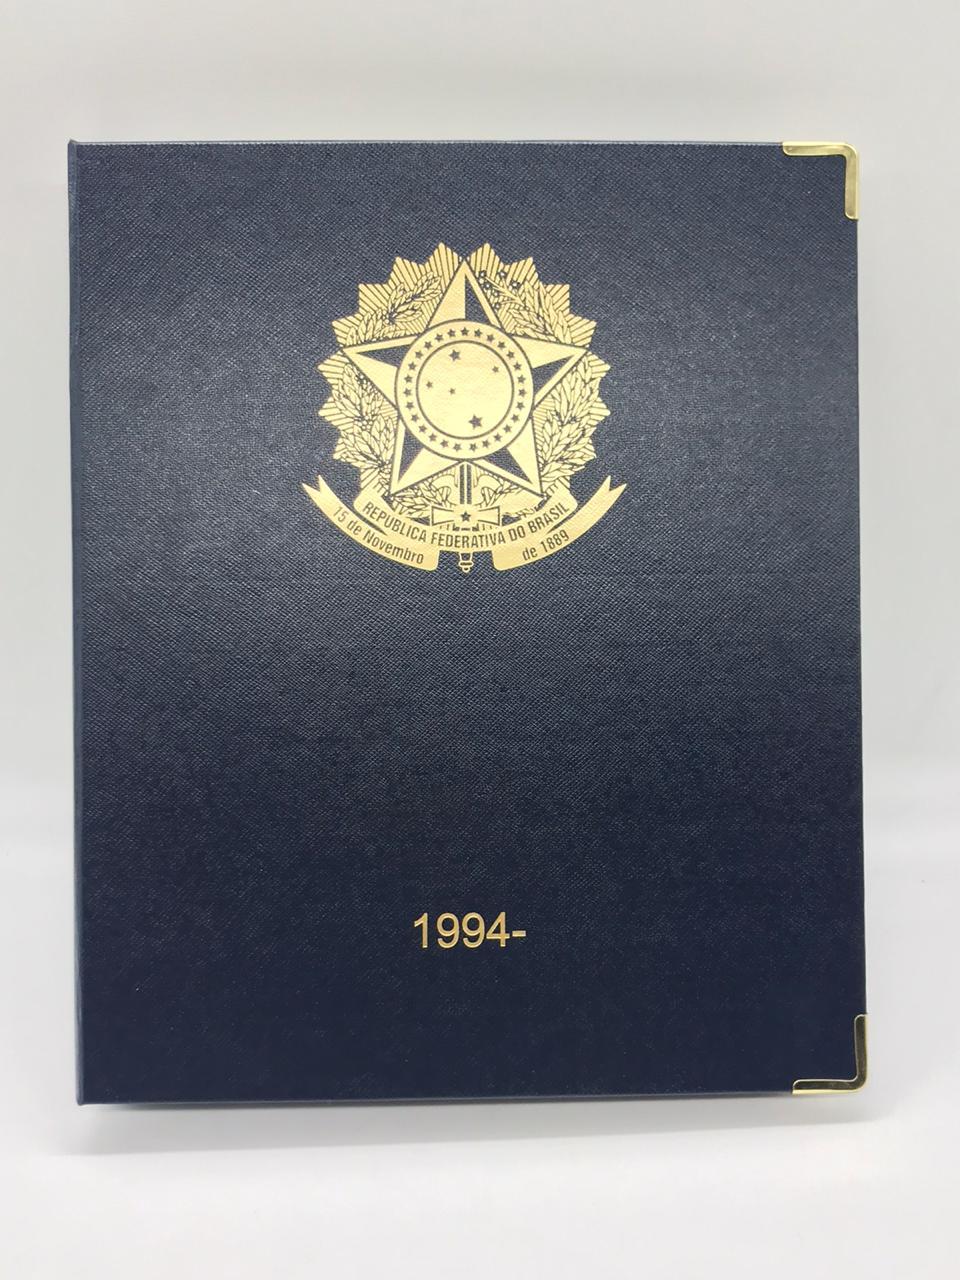 ÁLBUM DE LUXO 4  (1994-2023) -  COM BOX